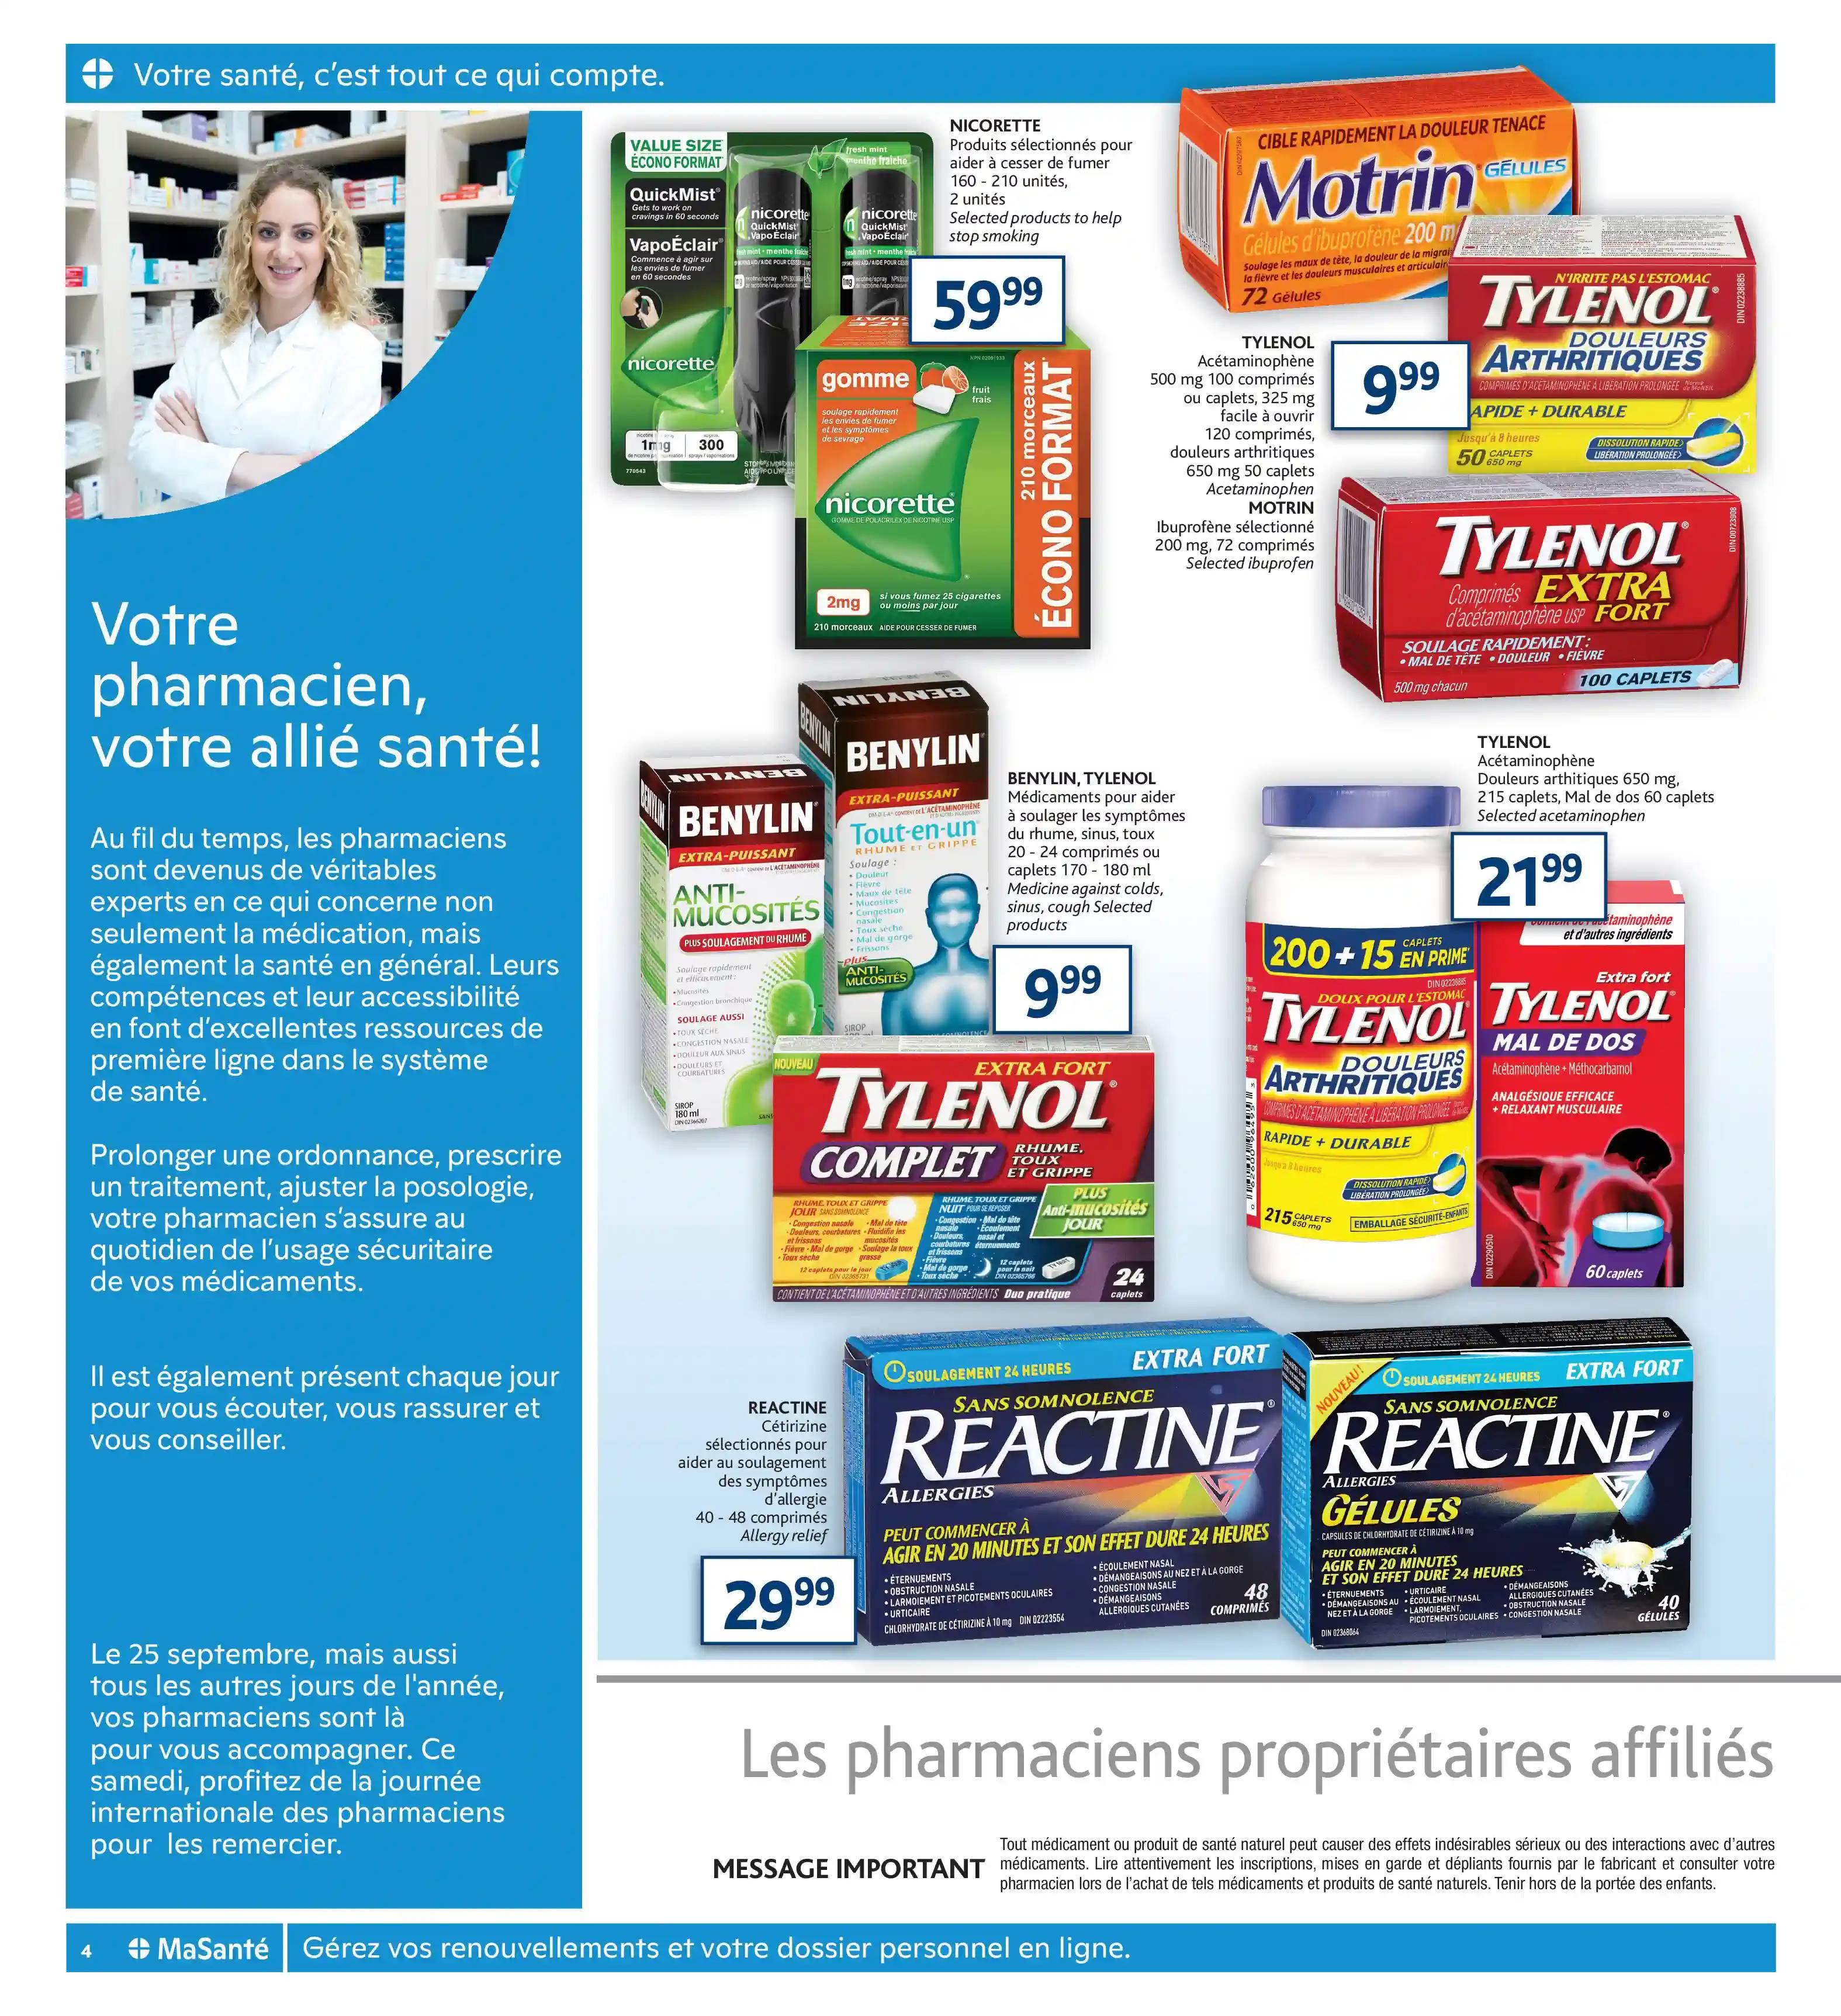 Circulaire Brunet - Pharmacie du 23 au 29 Septembre 2021 - Page 4